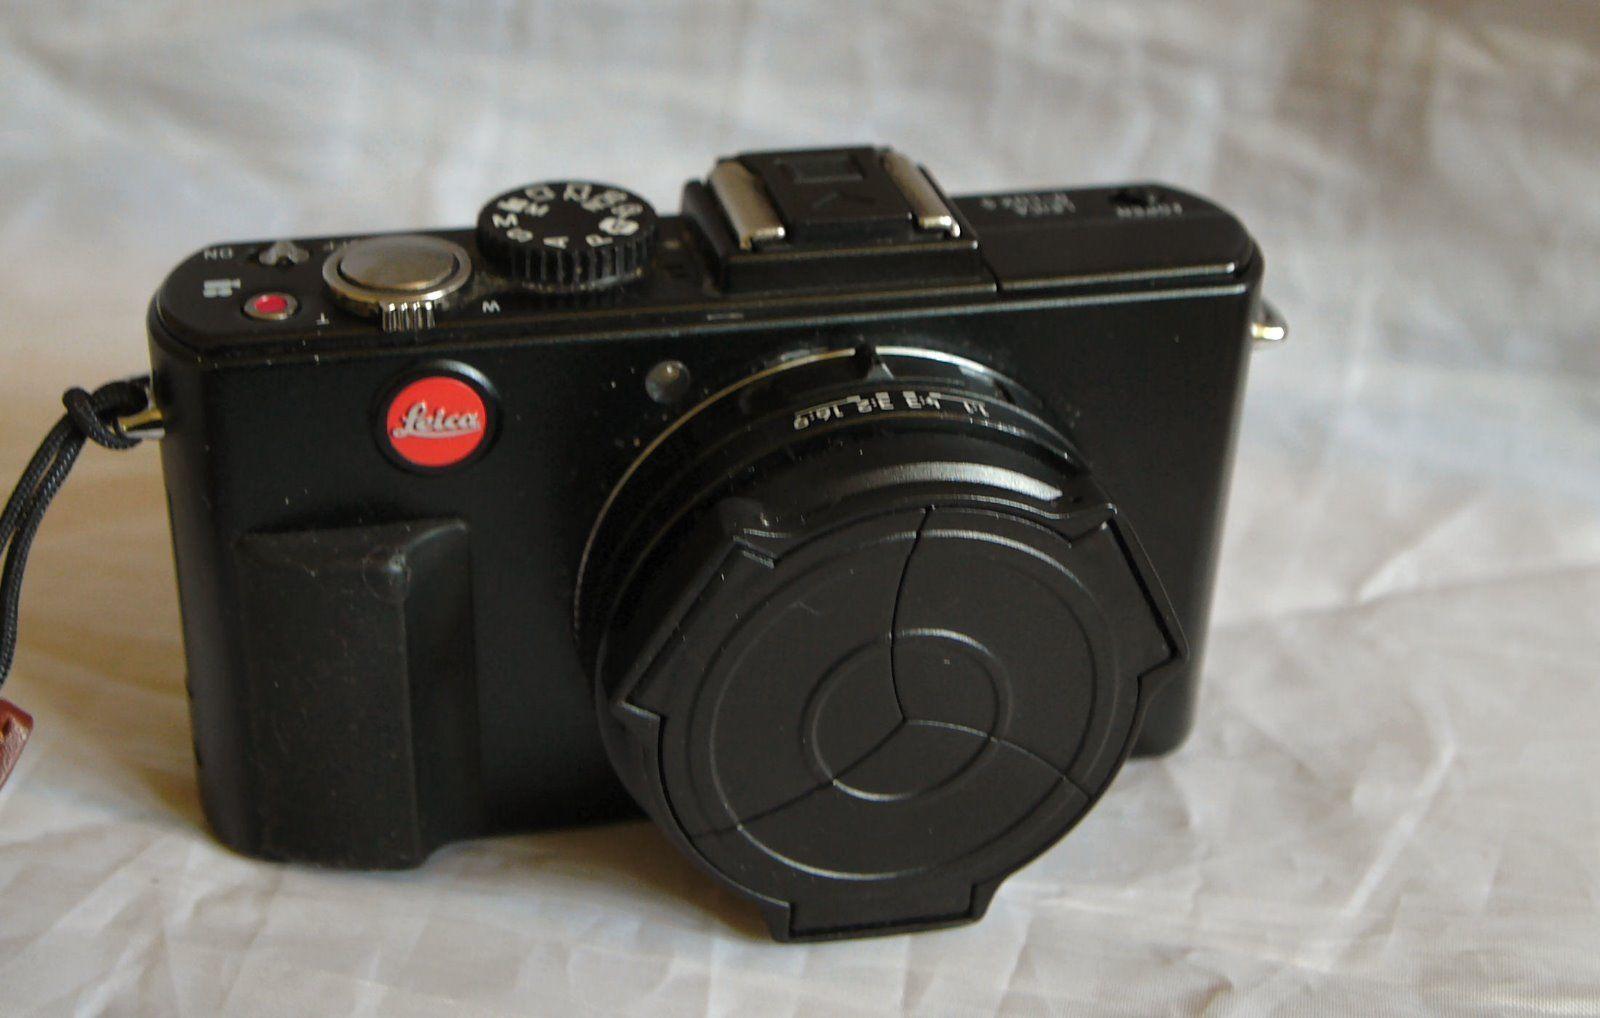 leica-d-lux-3-10mp-digital-camera